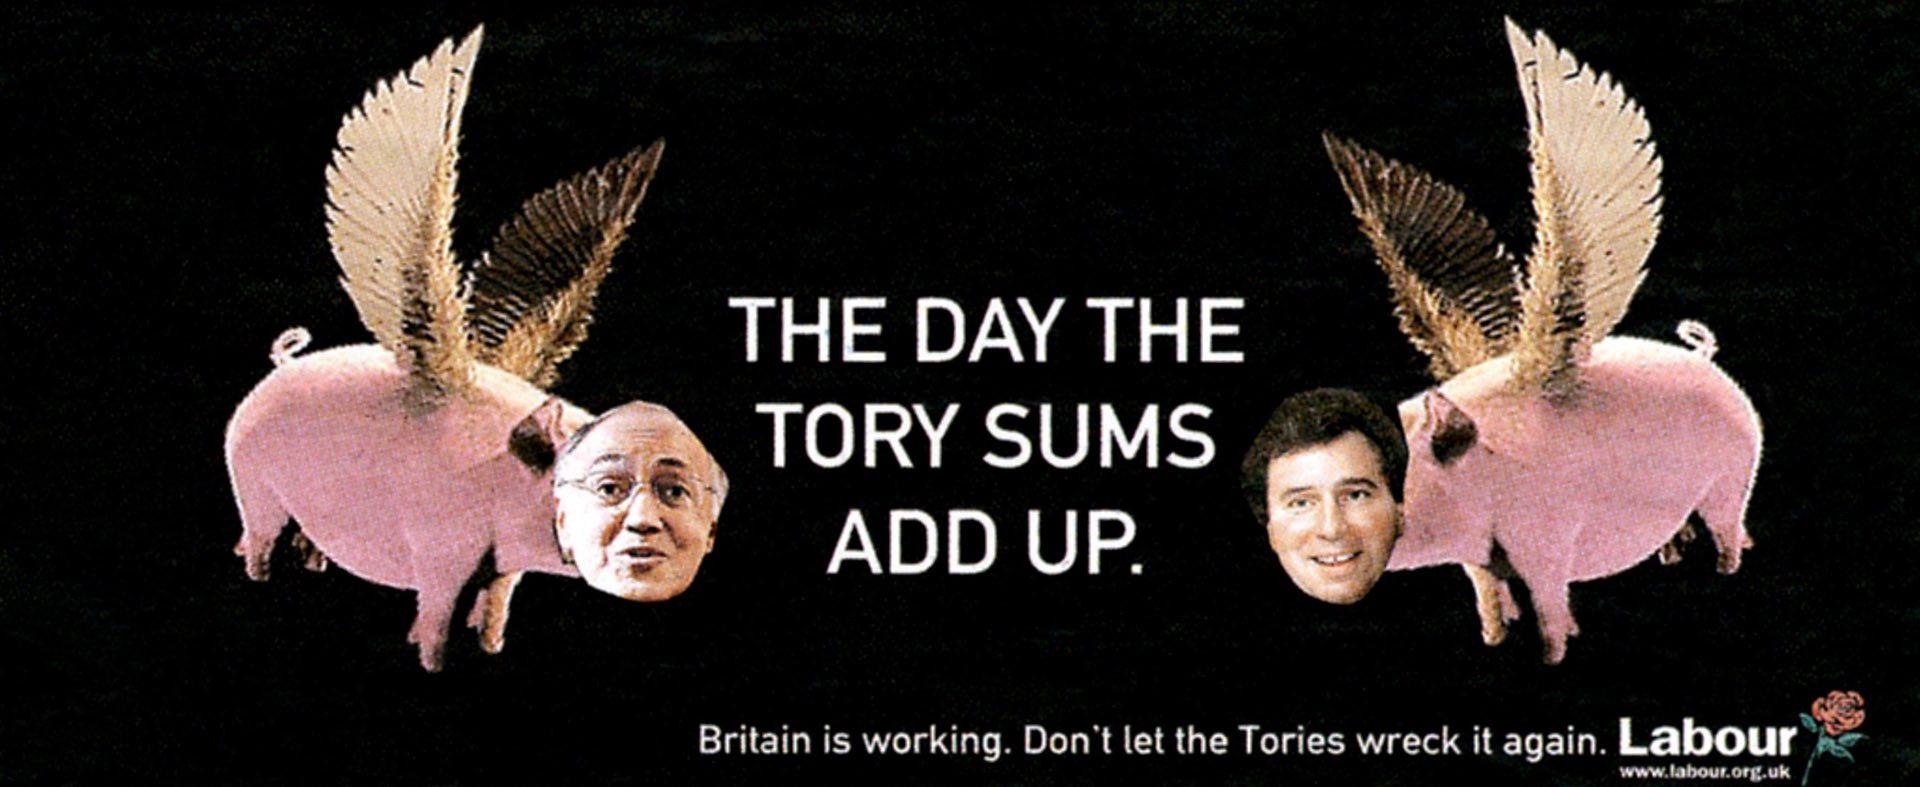 TorySums